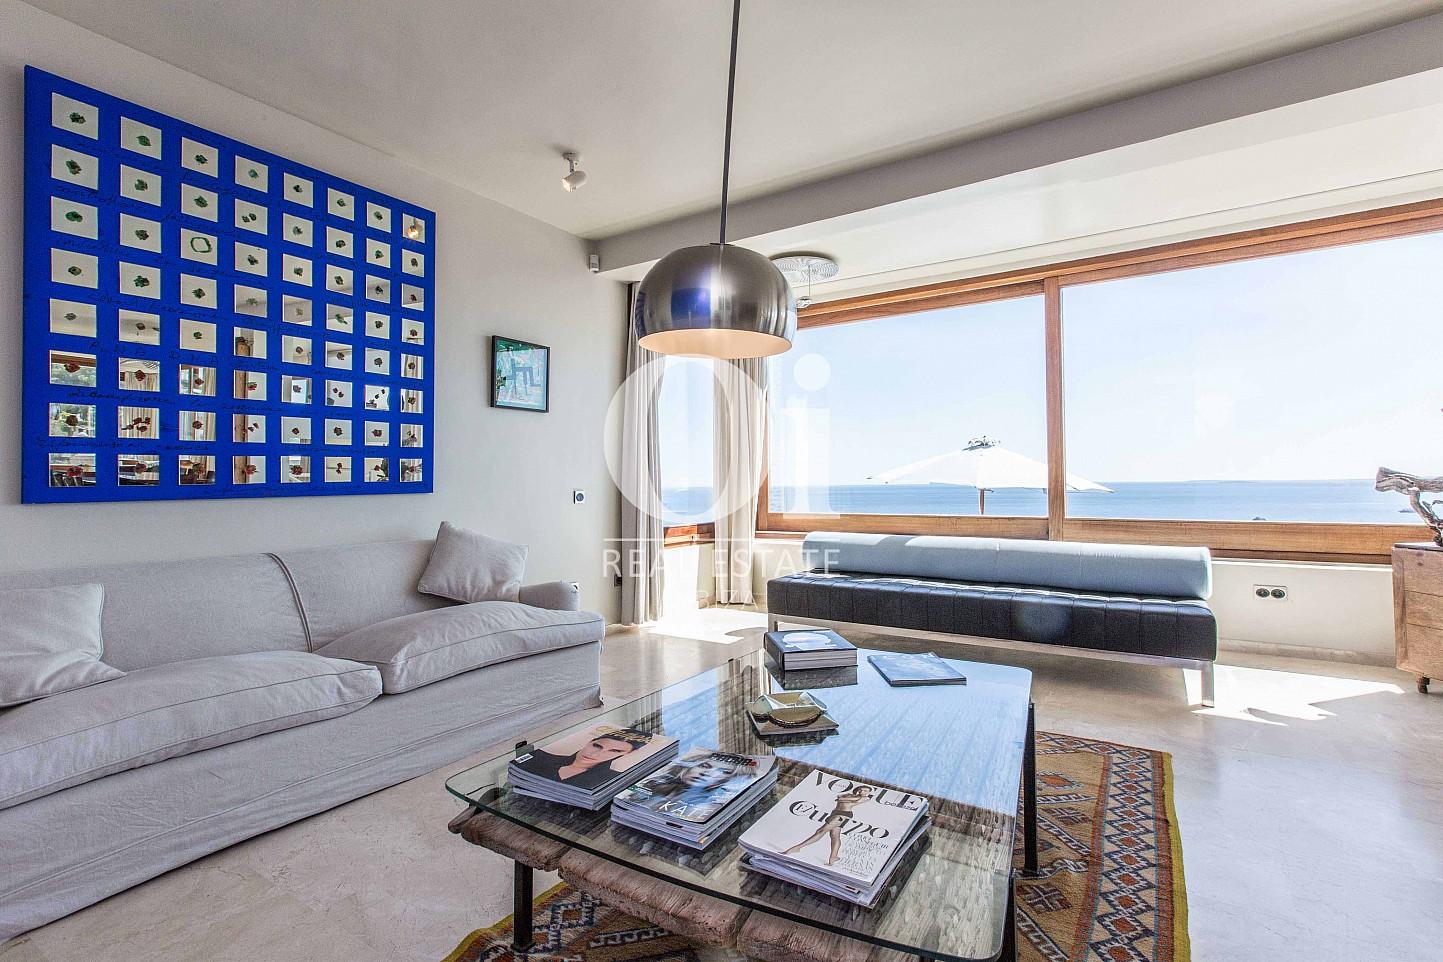 Стильная гостиная-столовая с поразительными видами из окон в потрясающей вилле в краткосрочную аренду на Ибице